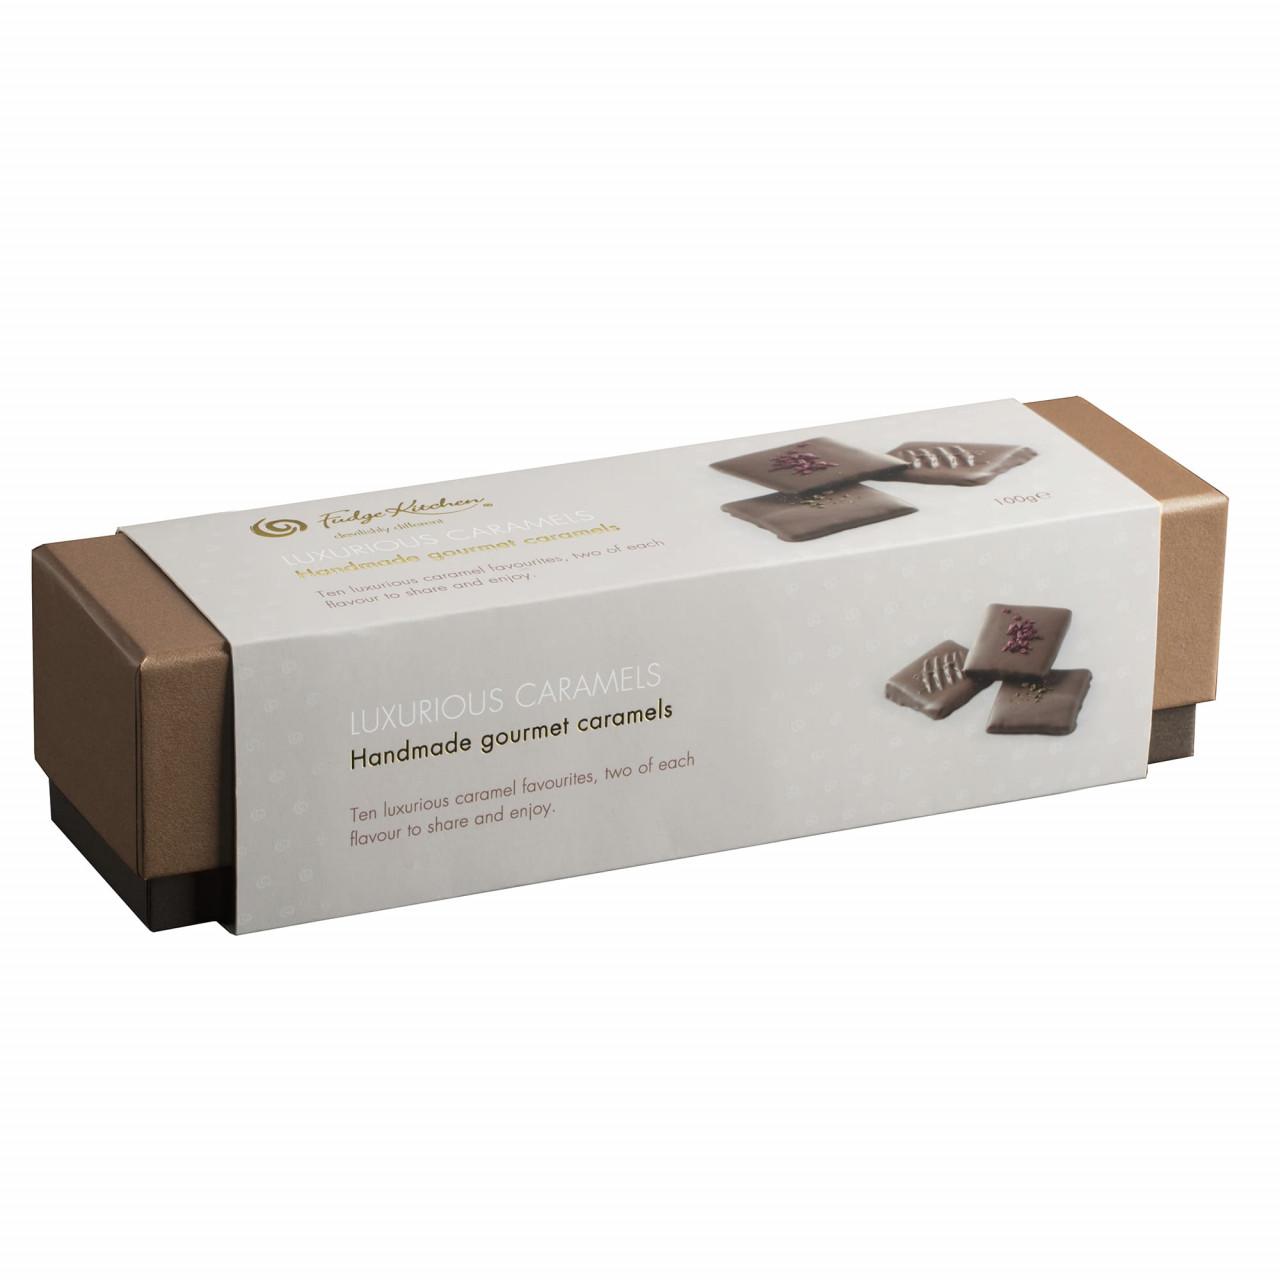 Luxury Caramel Selection (240 g)